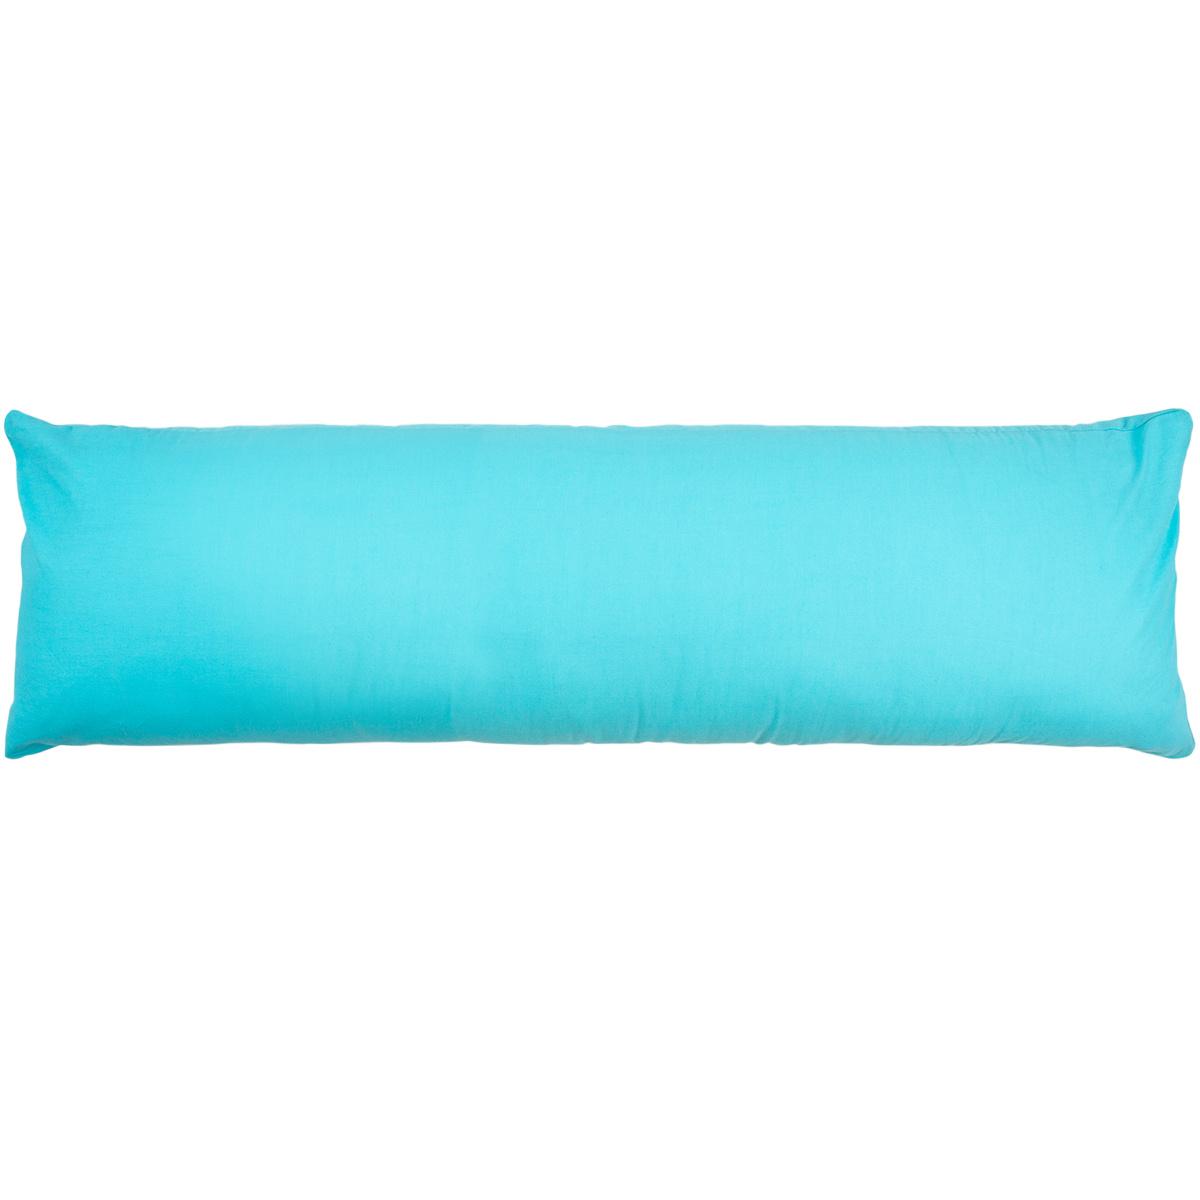 Trade Concept Povlak na Relaxační polštář Náhradní manžel UNI modrá, 50 x 150 cm